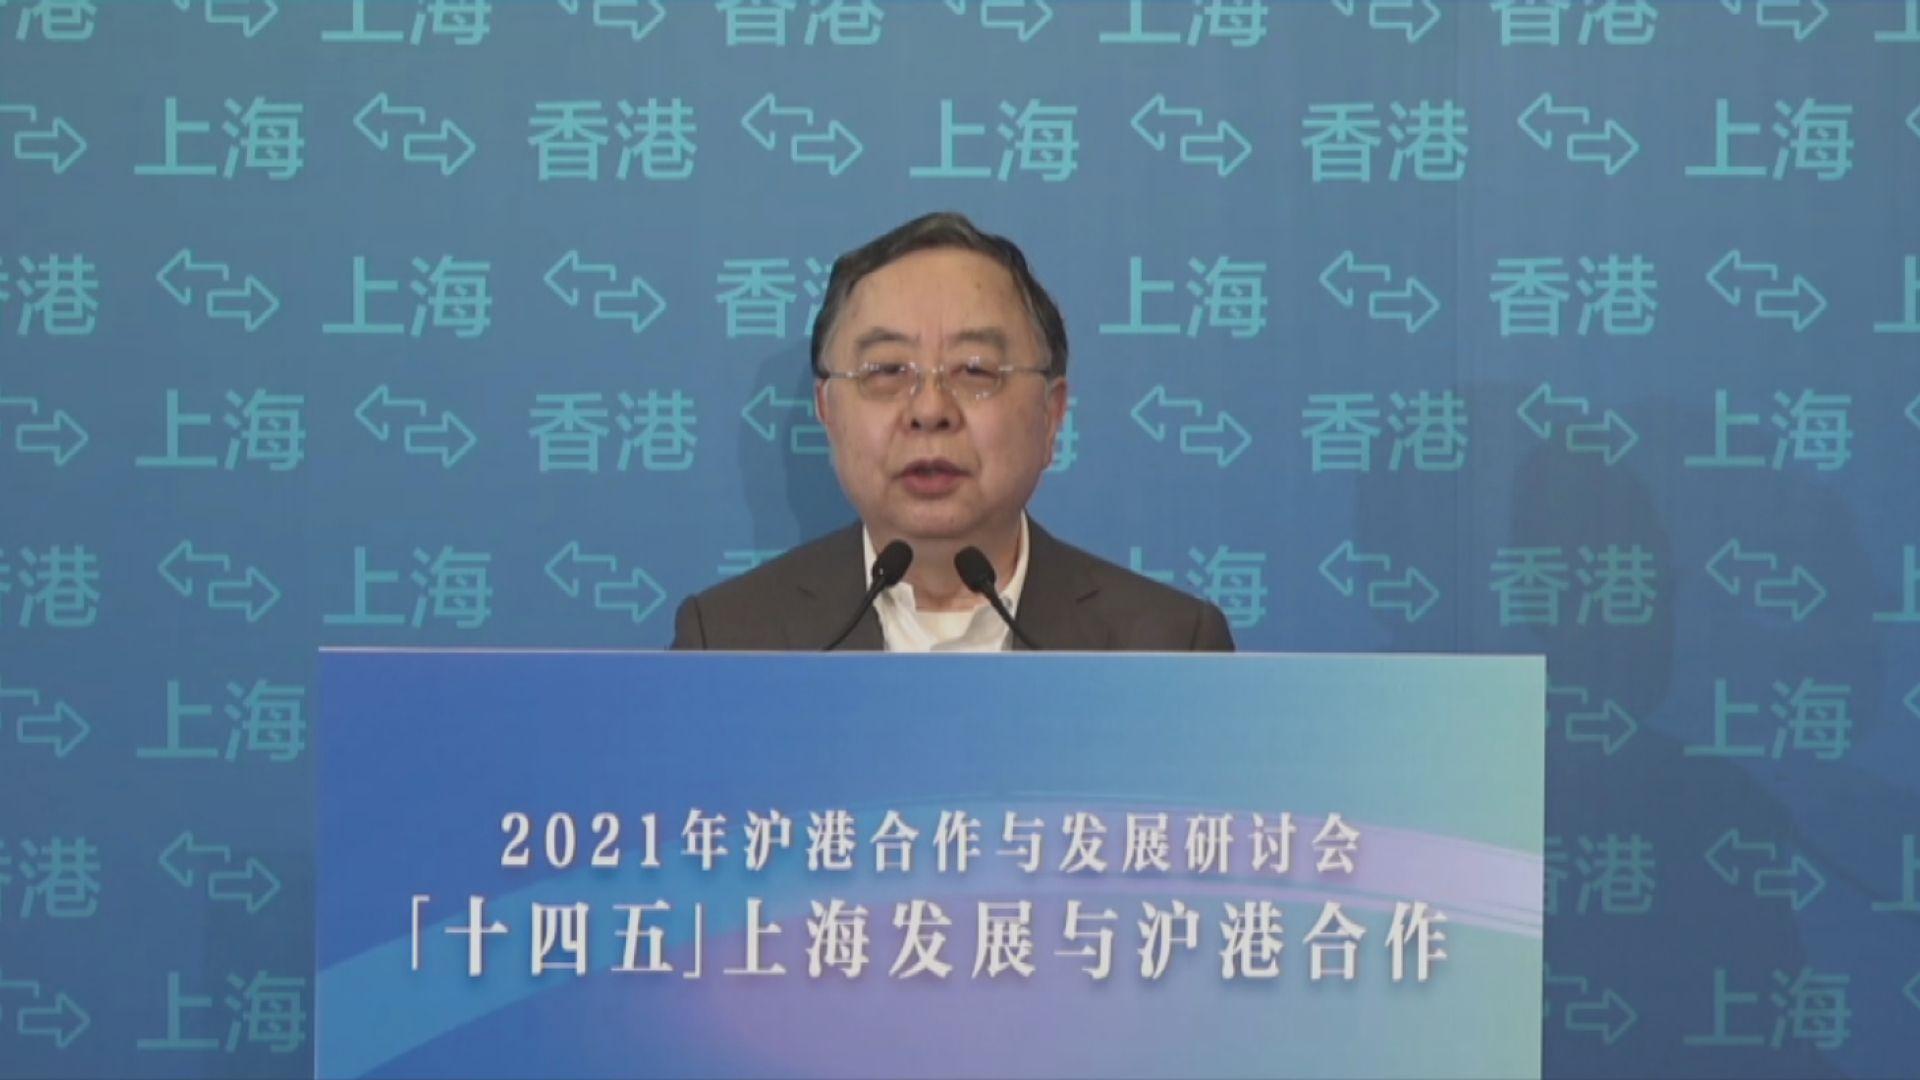 恒隆董事長陳啟宗籲香港人以國家為本位 把握發展機會